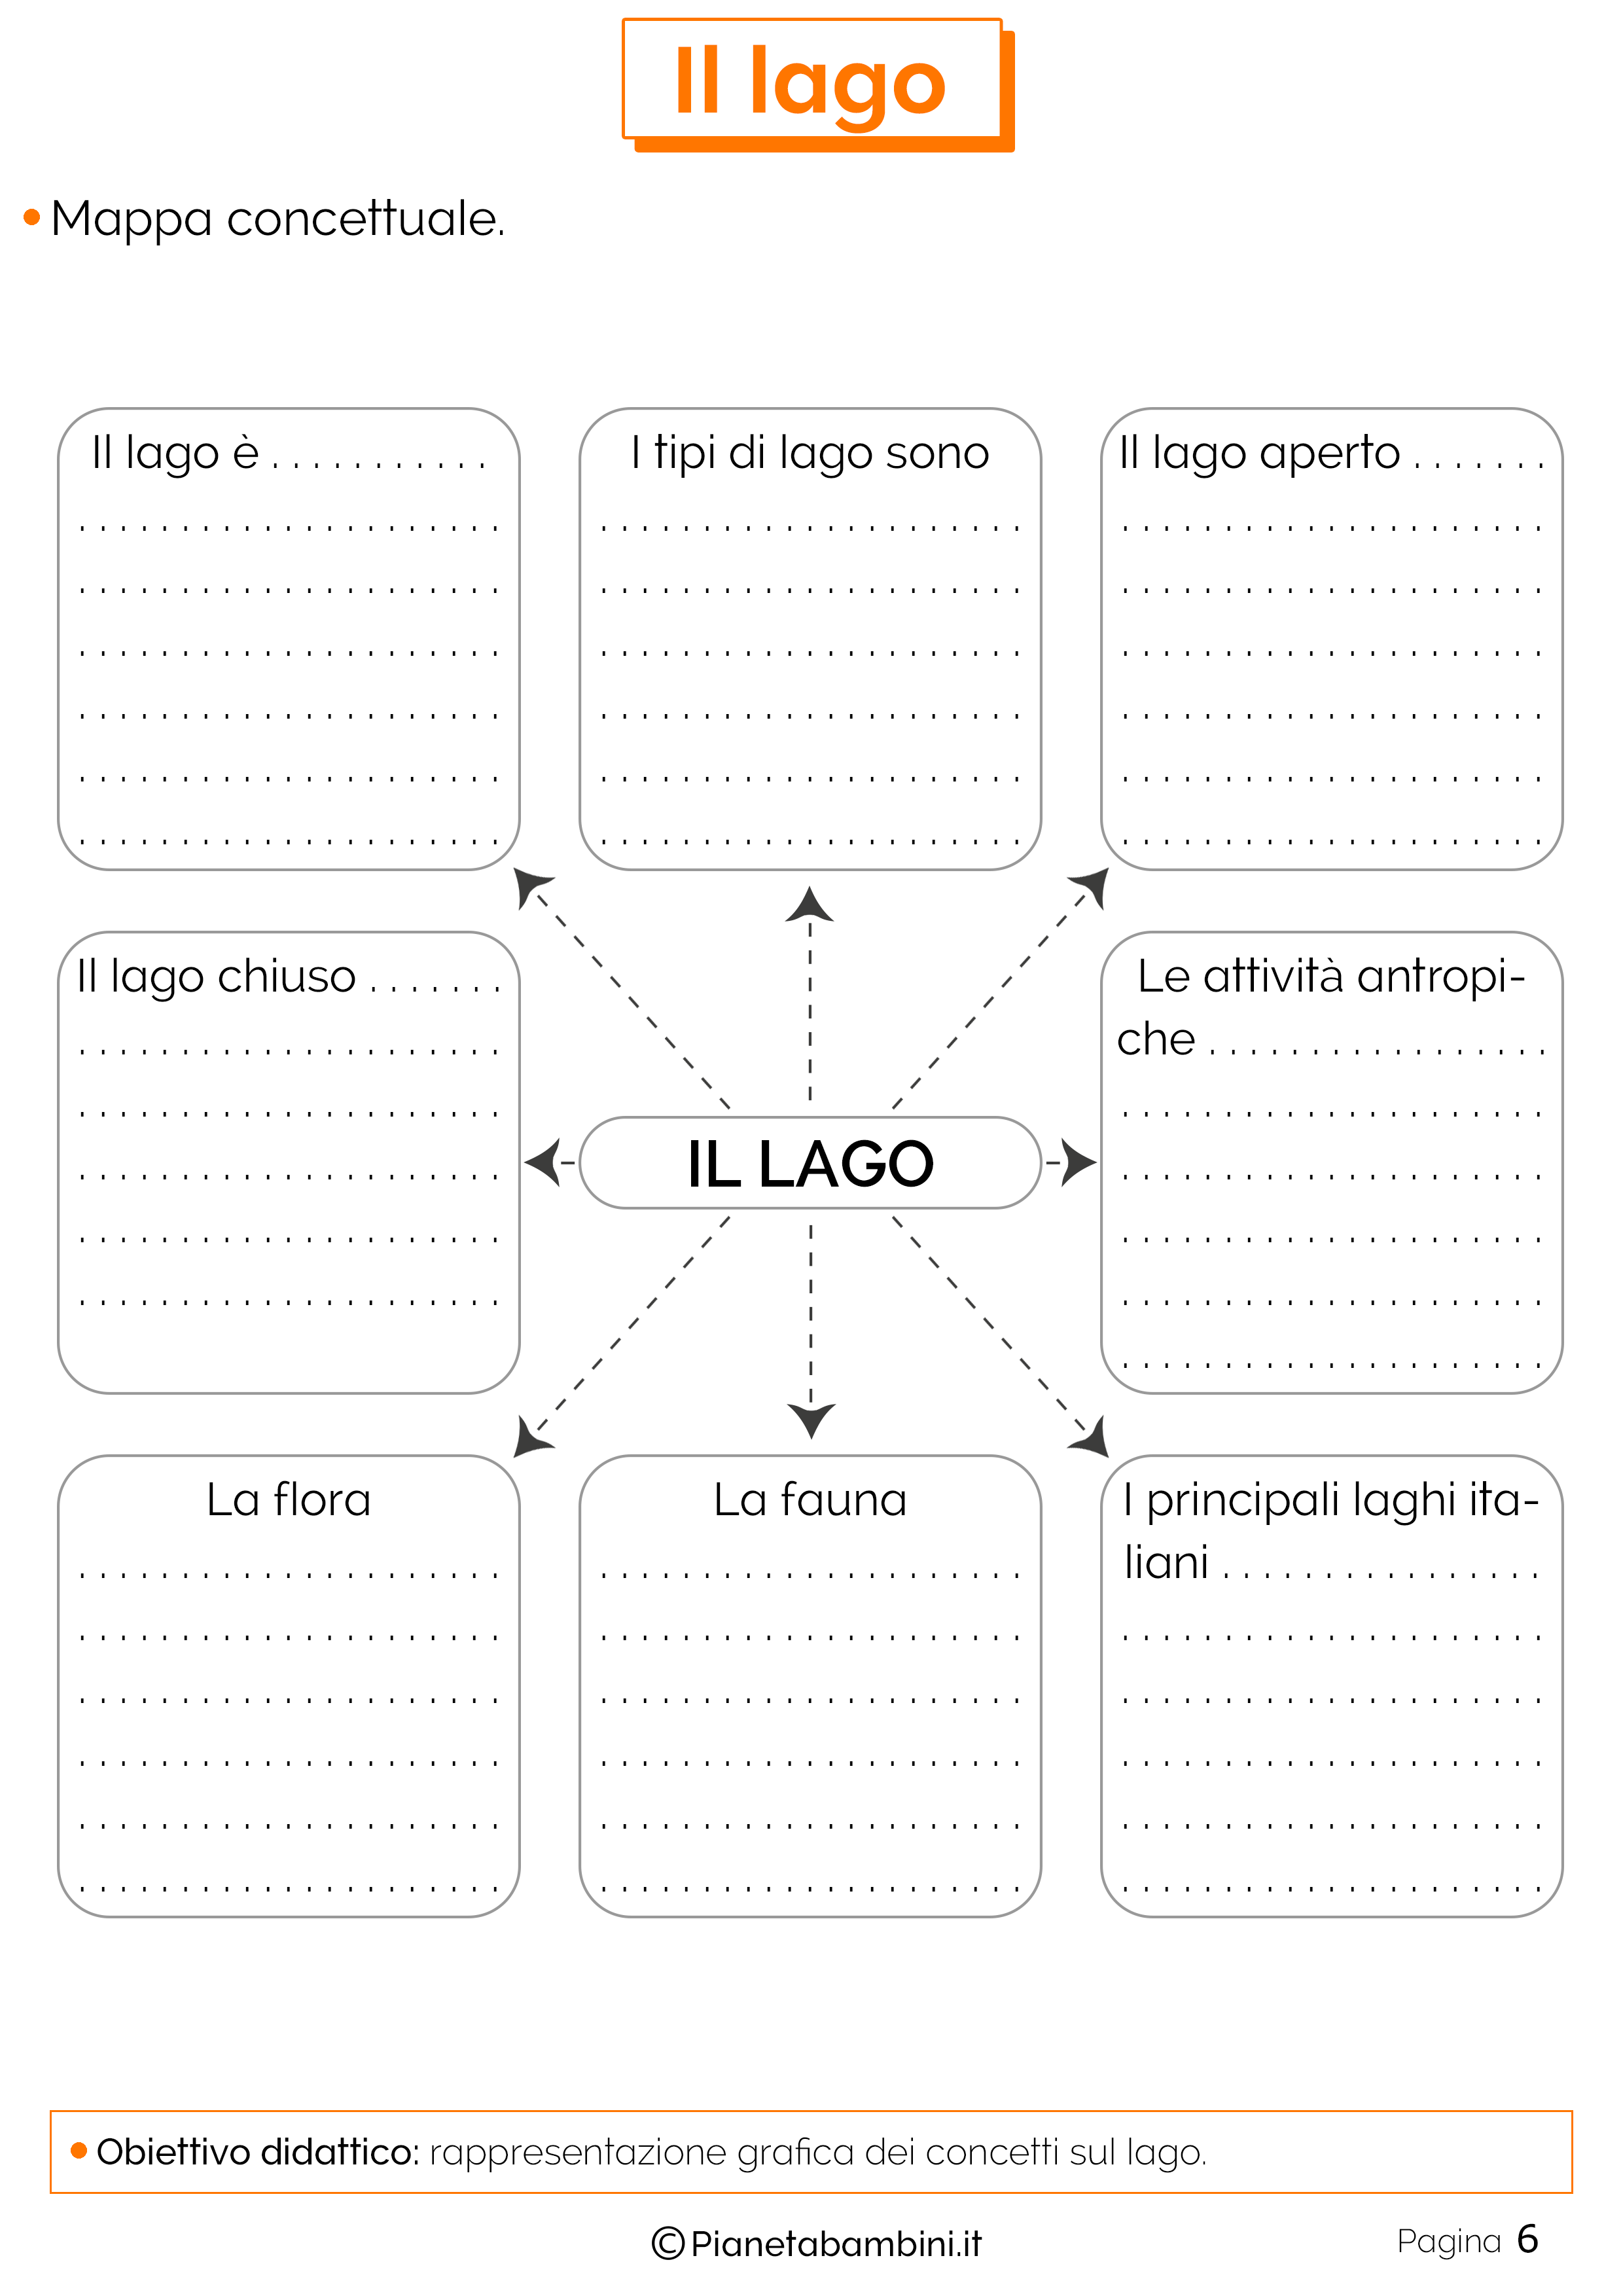 Mappa concettuale sul lago da completare